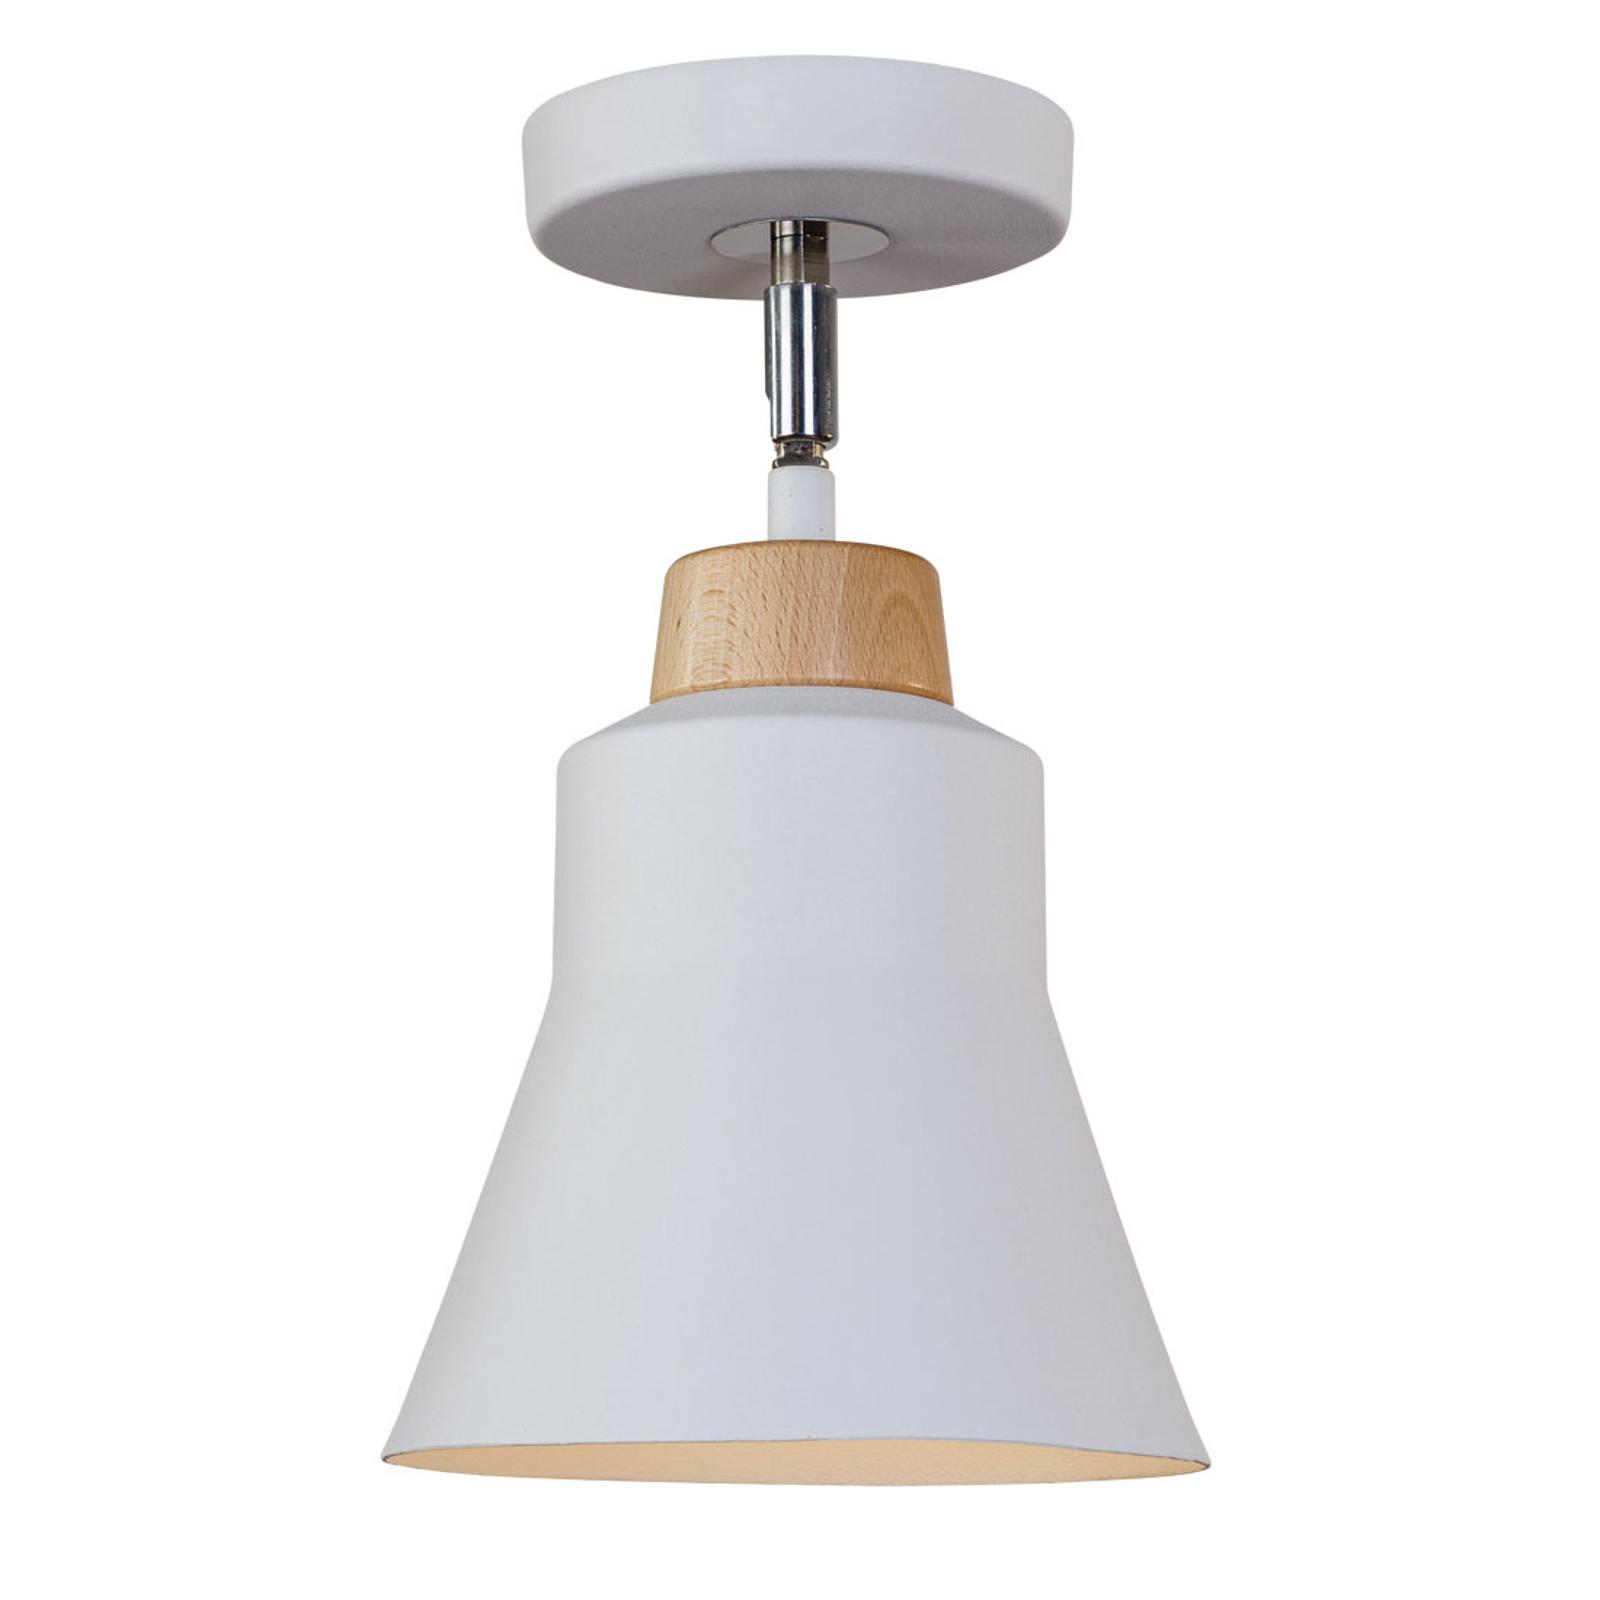 Wood taklampe av metall, hvit